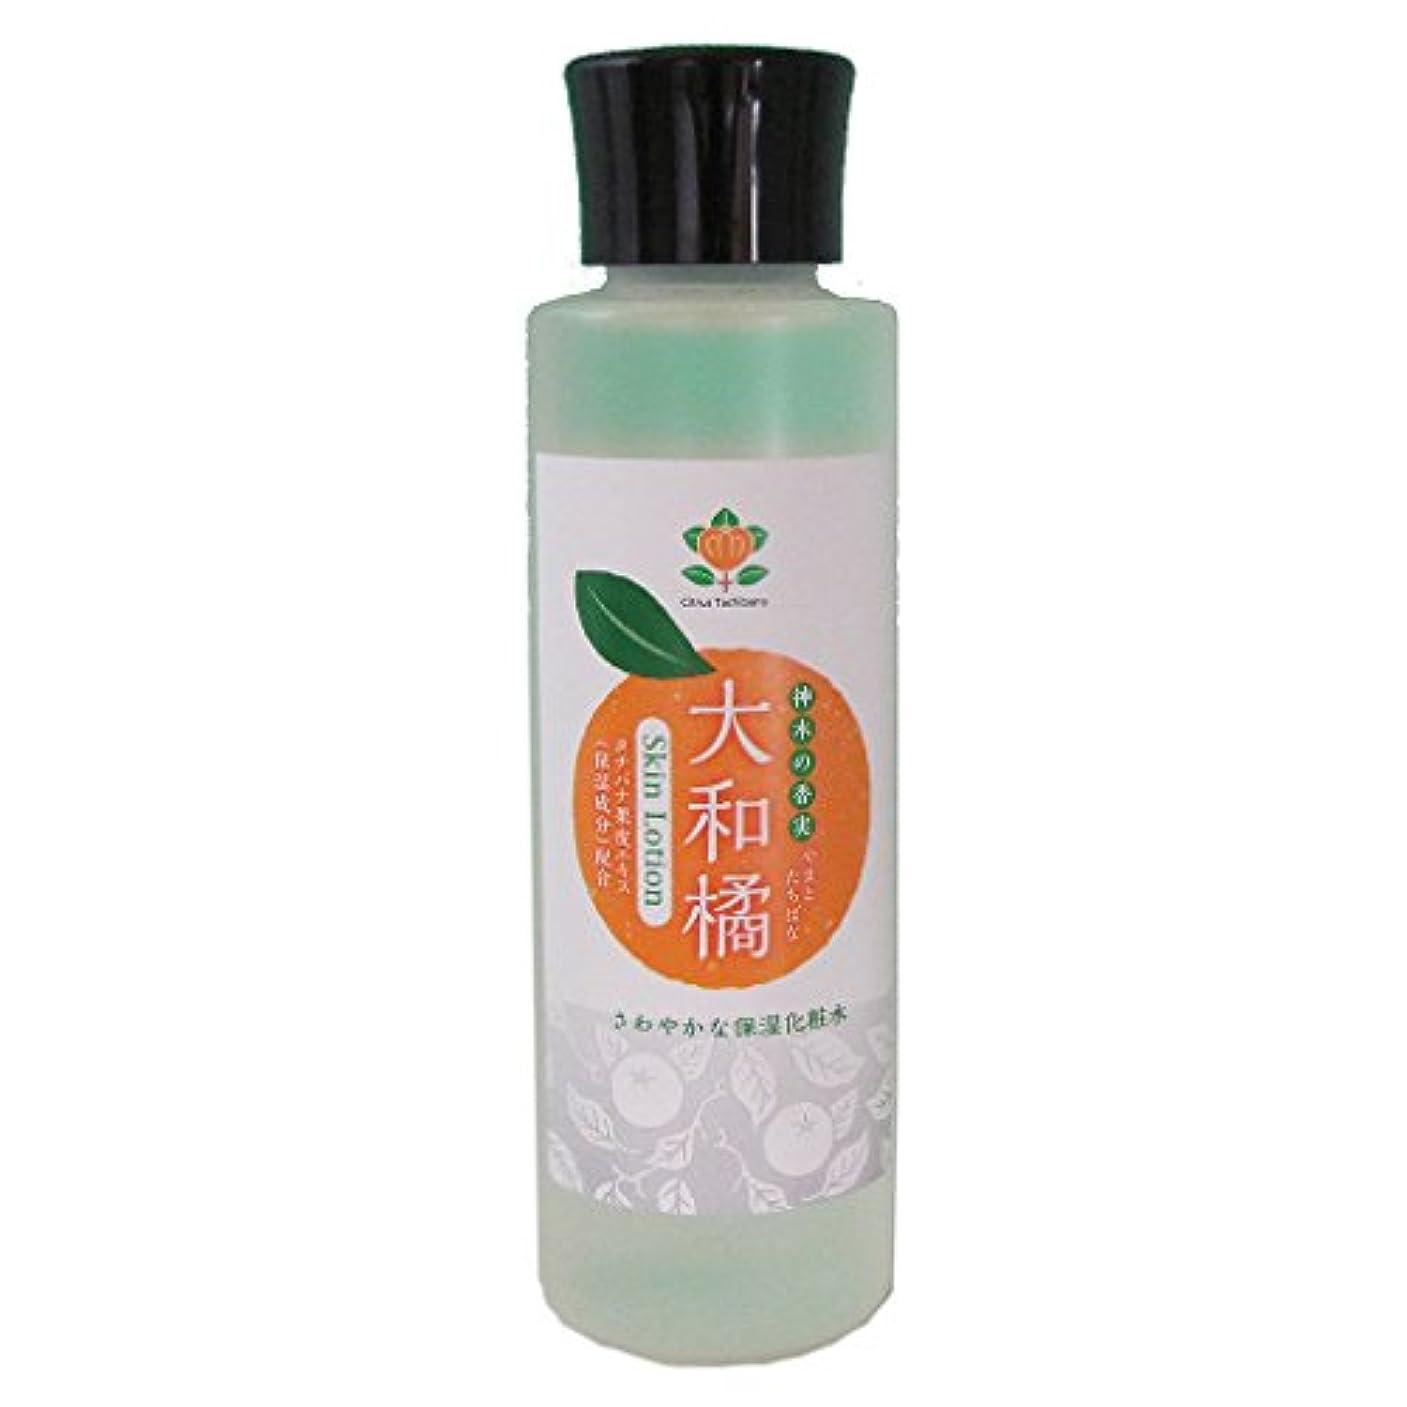 ダイヤルトランクライブラリストリーム神木の果実 大和橘さわやか保湿化粧水 150ml